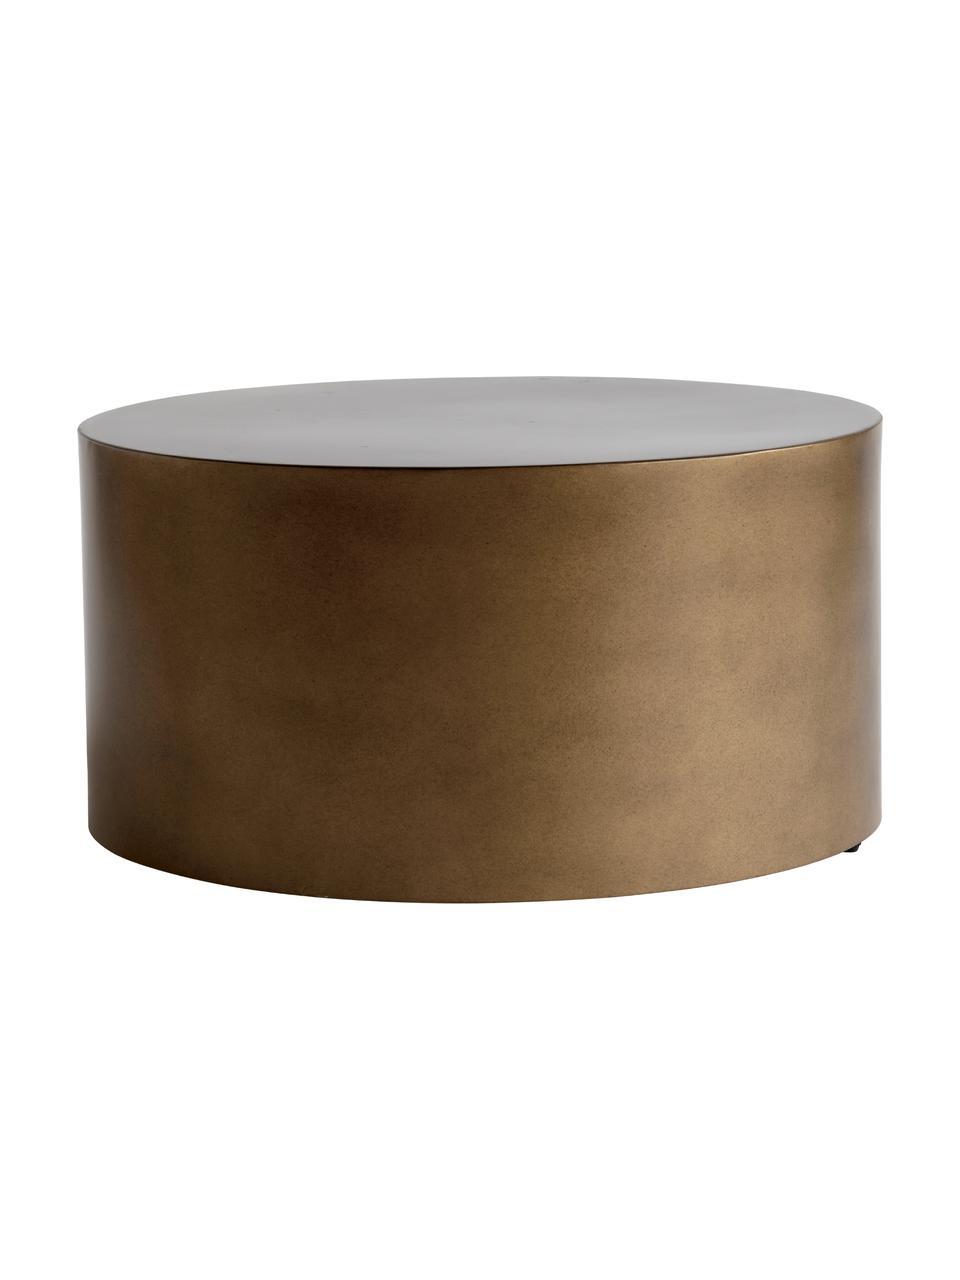 Runder Metall-Couchtisch Metdrum in Honigfarben, Metall, Honigfarben, Ø 60 x H 30 cm